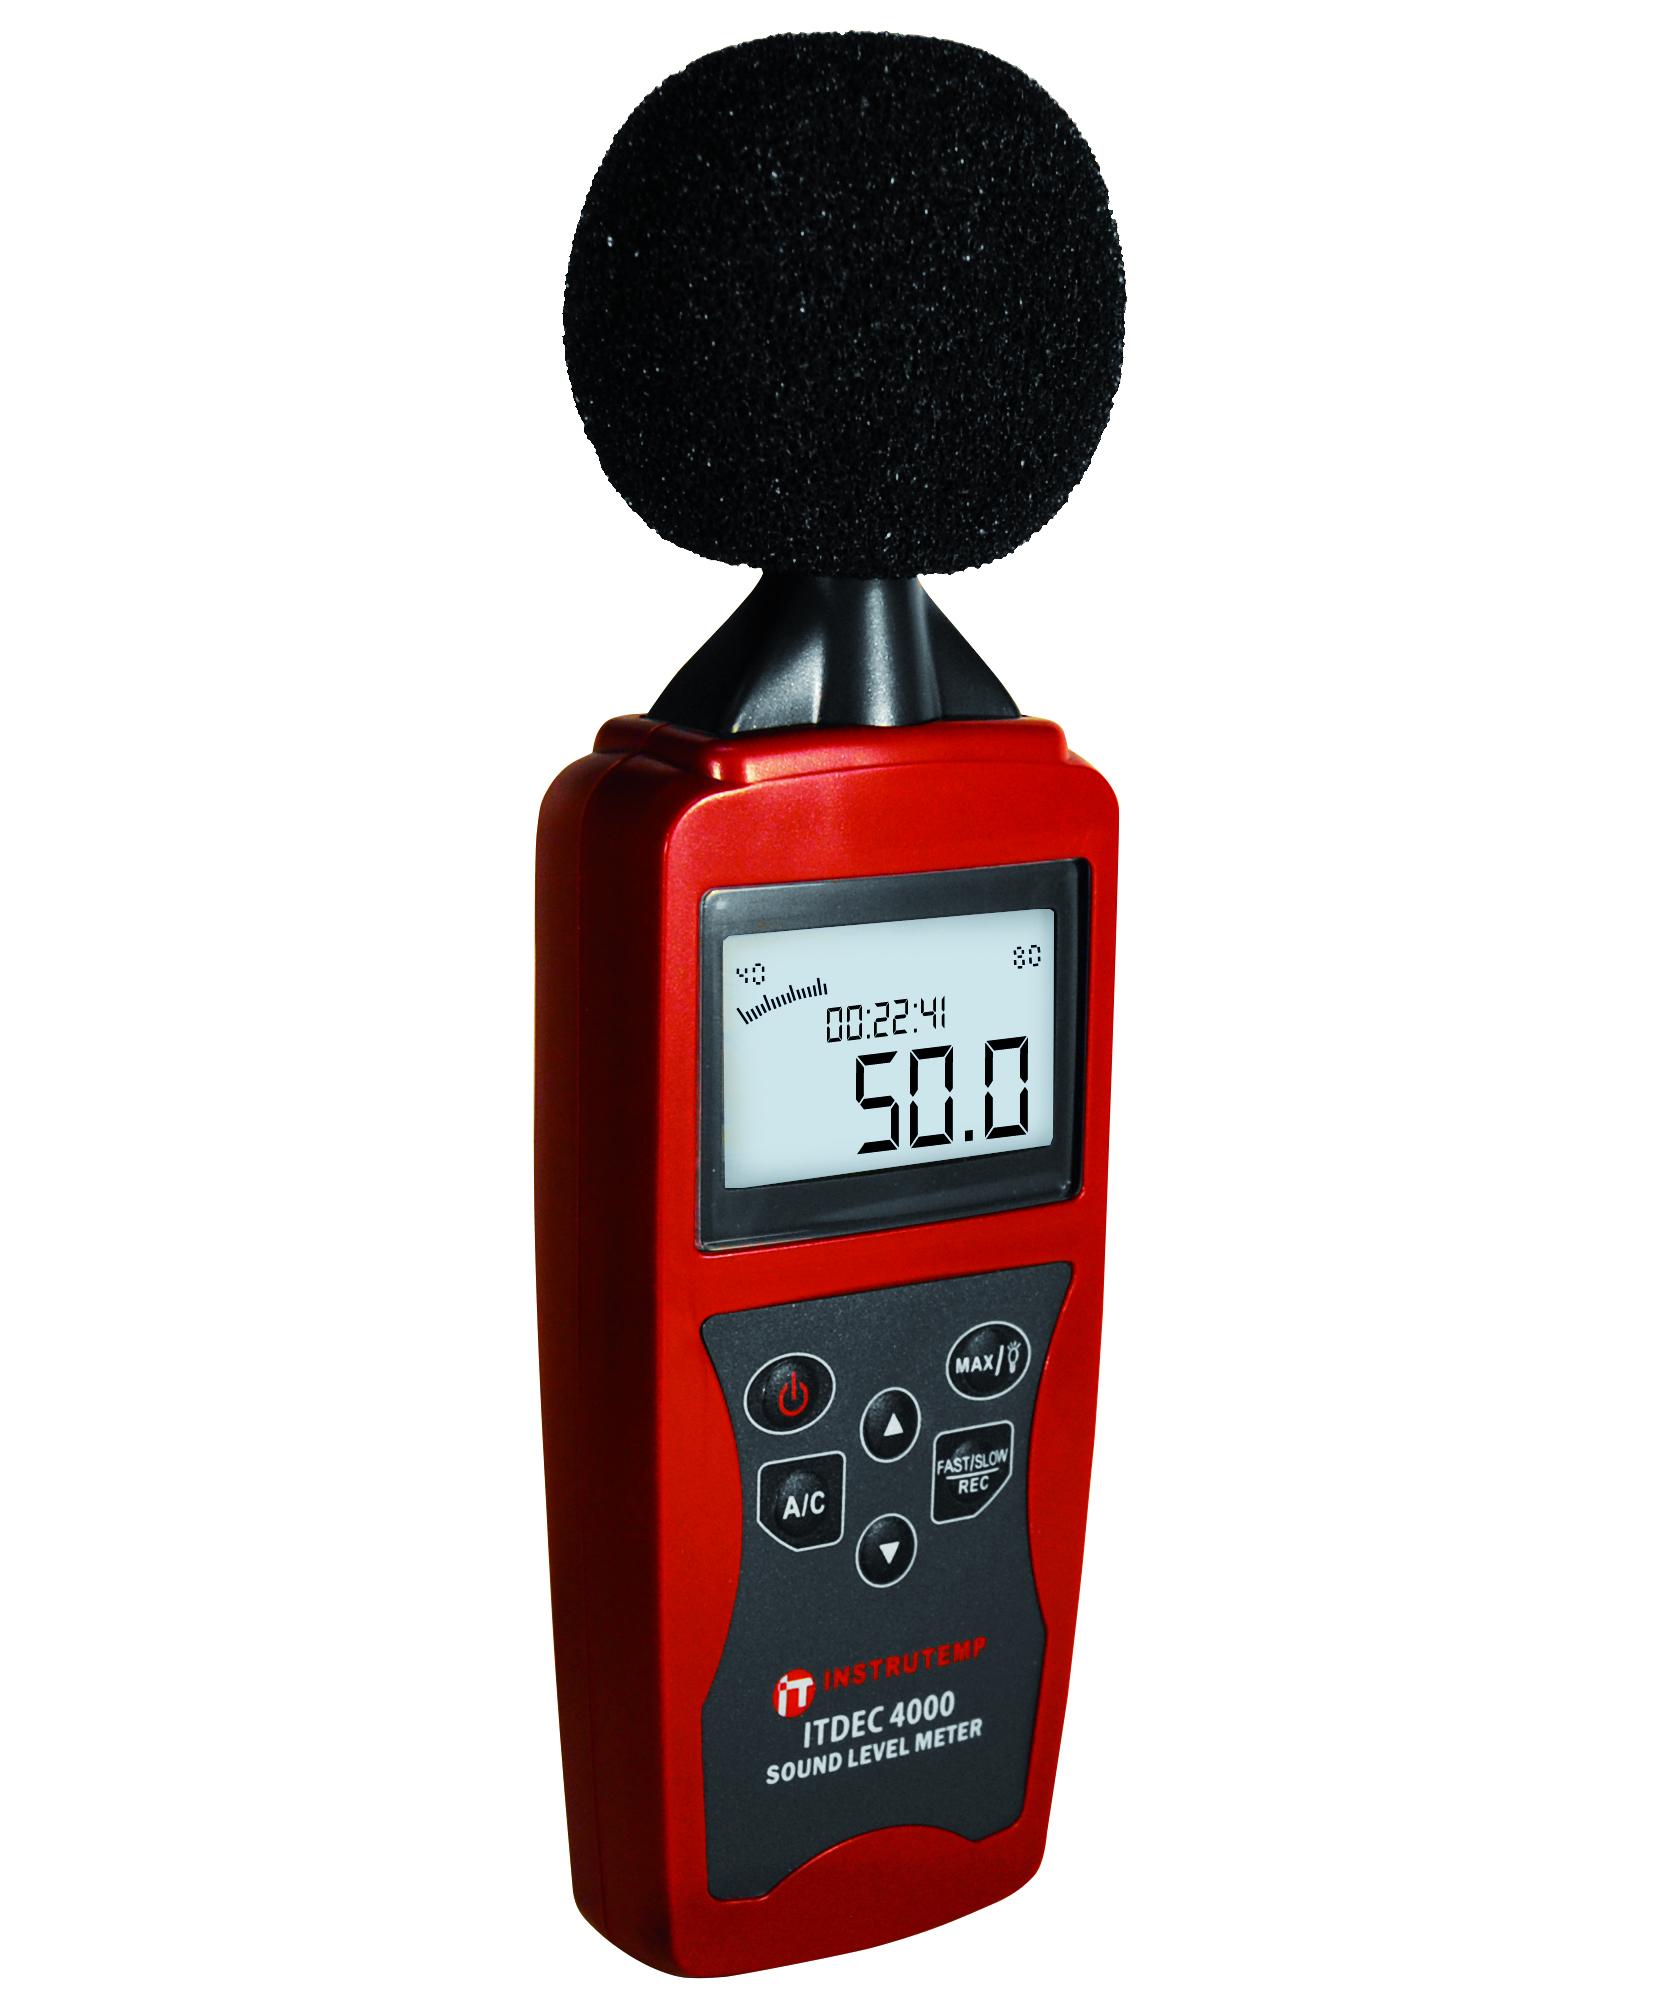 Decibelímetro para medir intensidade sonora ITDEC4000 ...